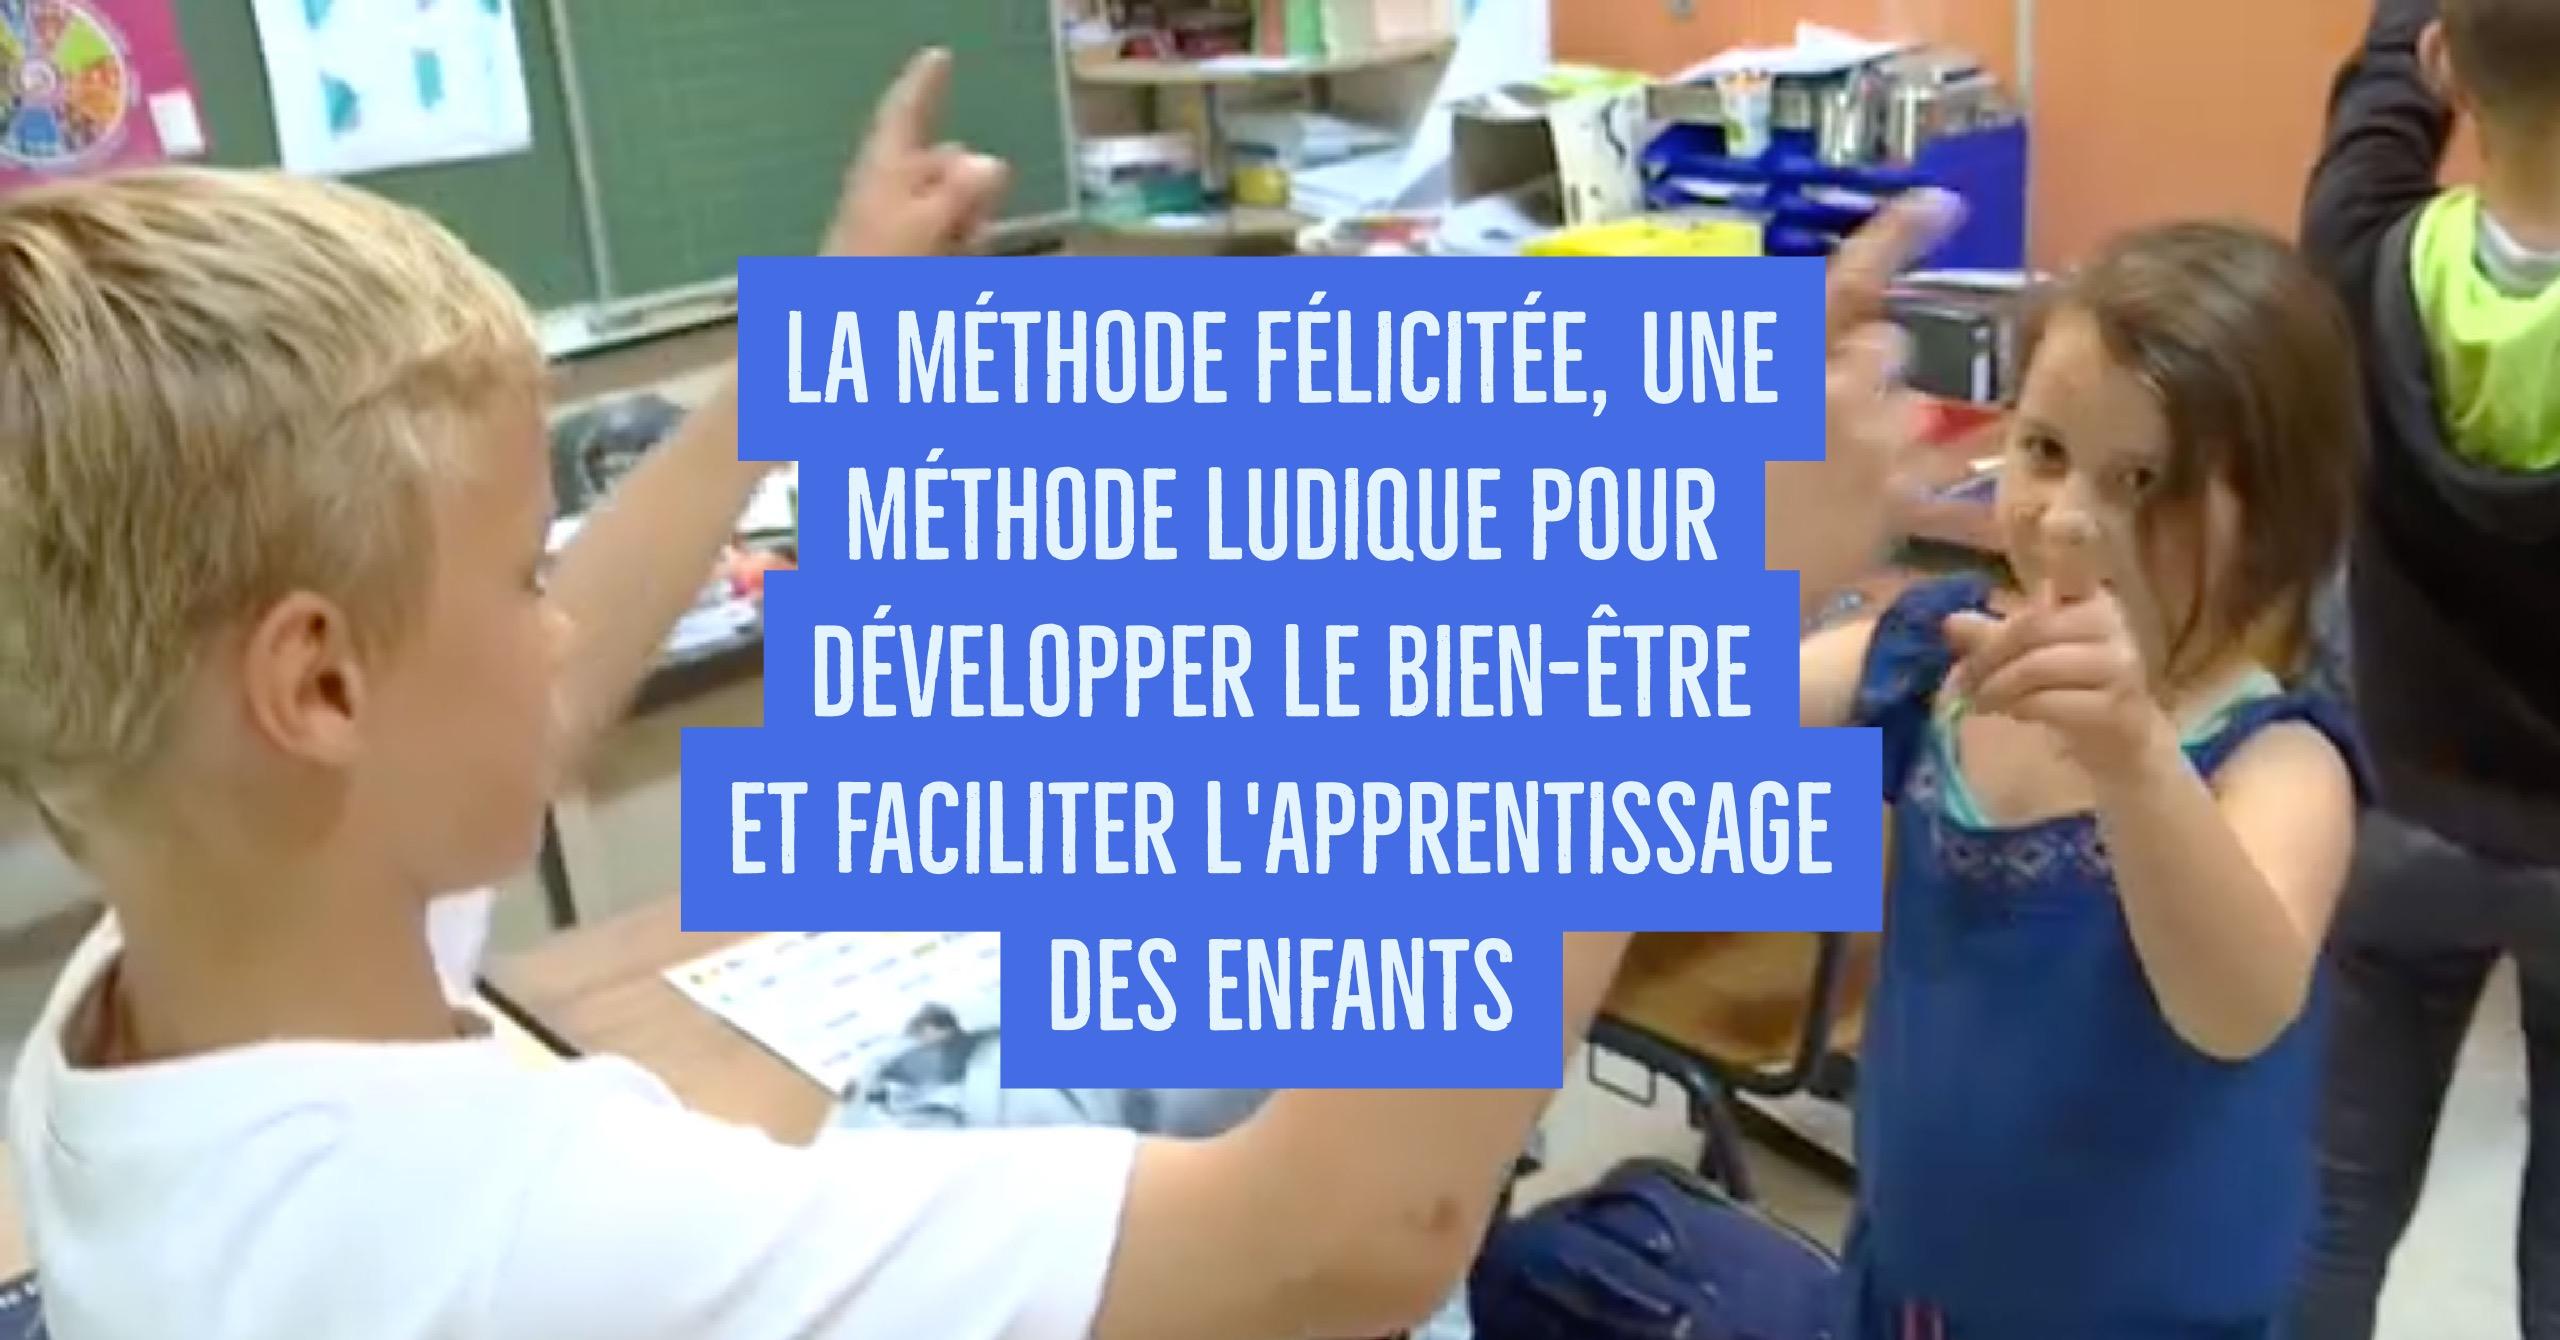 La méthode Félicitée une méthode ludique pour développer le bien ªtre et faciliter l apprentissage des enfants